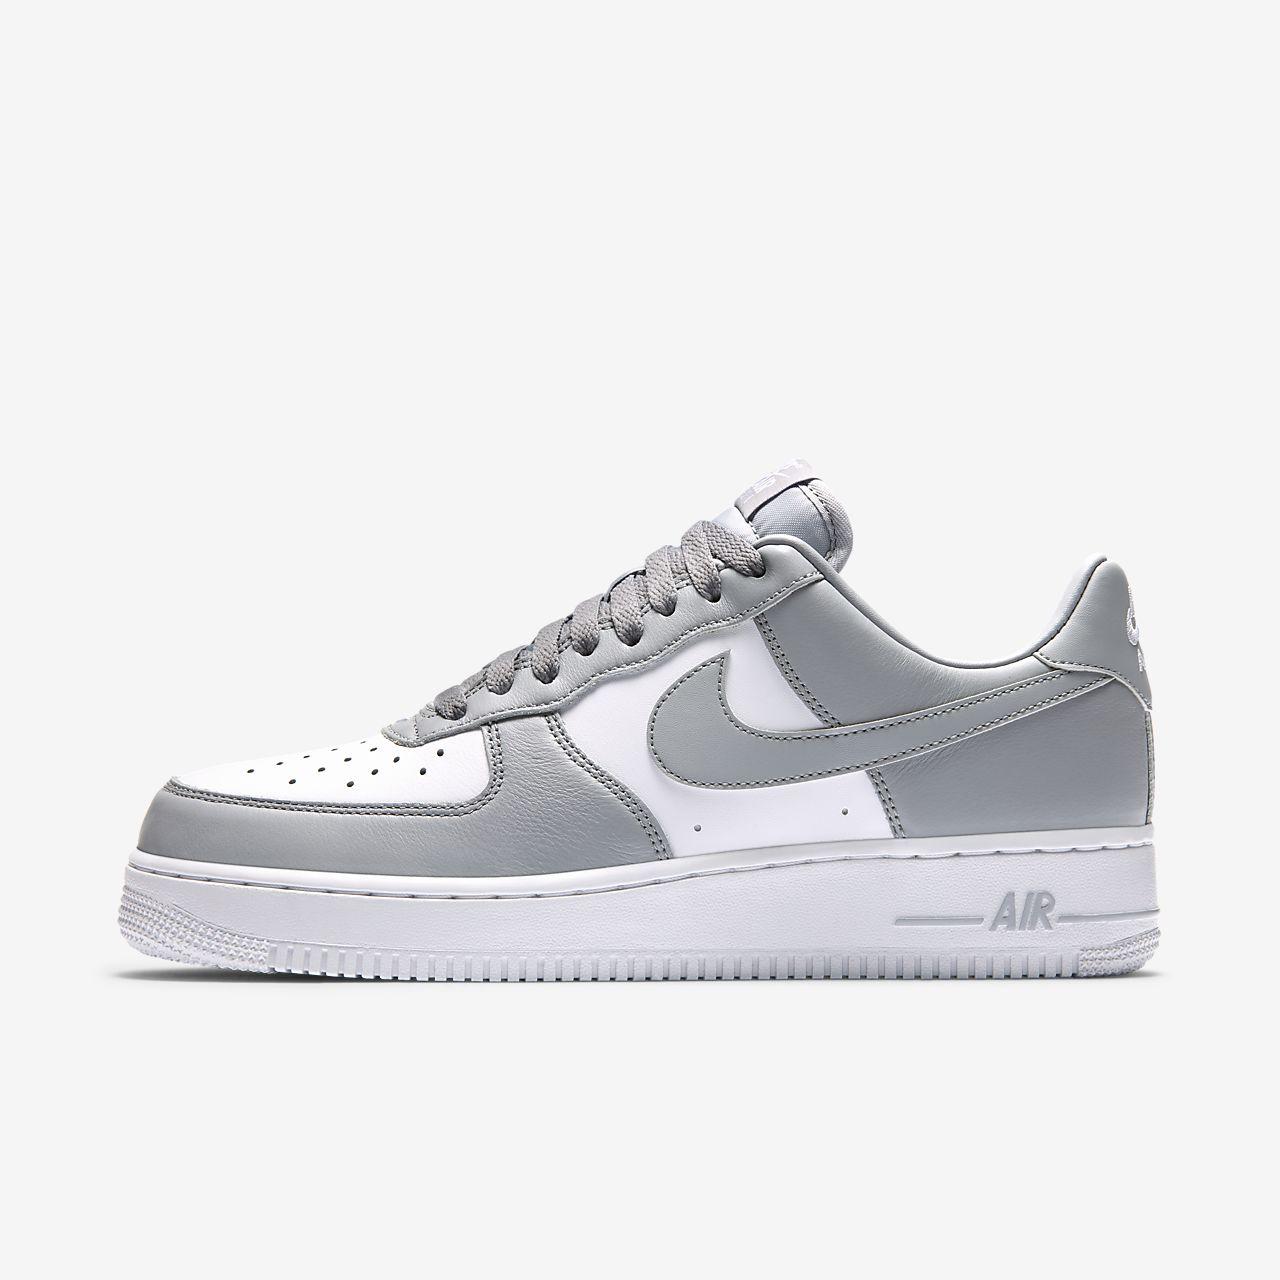 Sneaker Nike Uomo Air Force 1 Low Muchos Tipos De Venta En Línea Venta De Bonito Con Paypal SdyLx